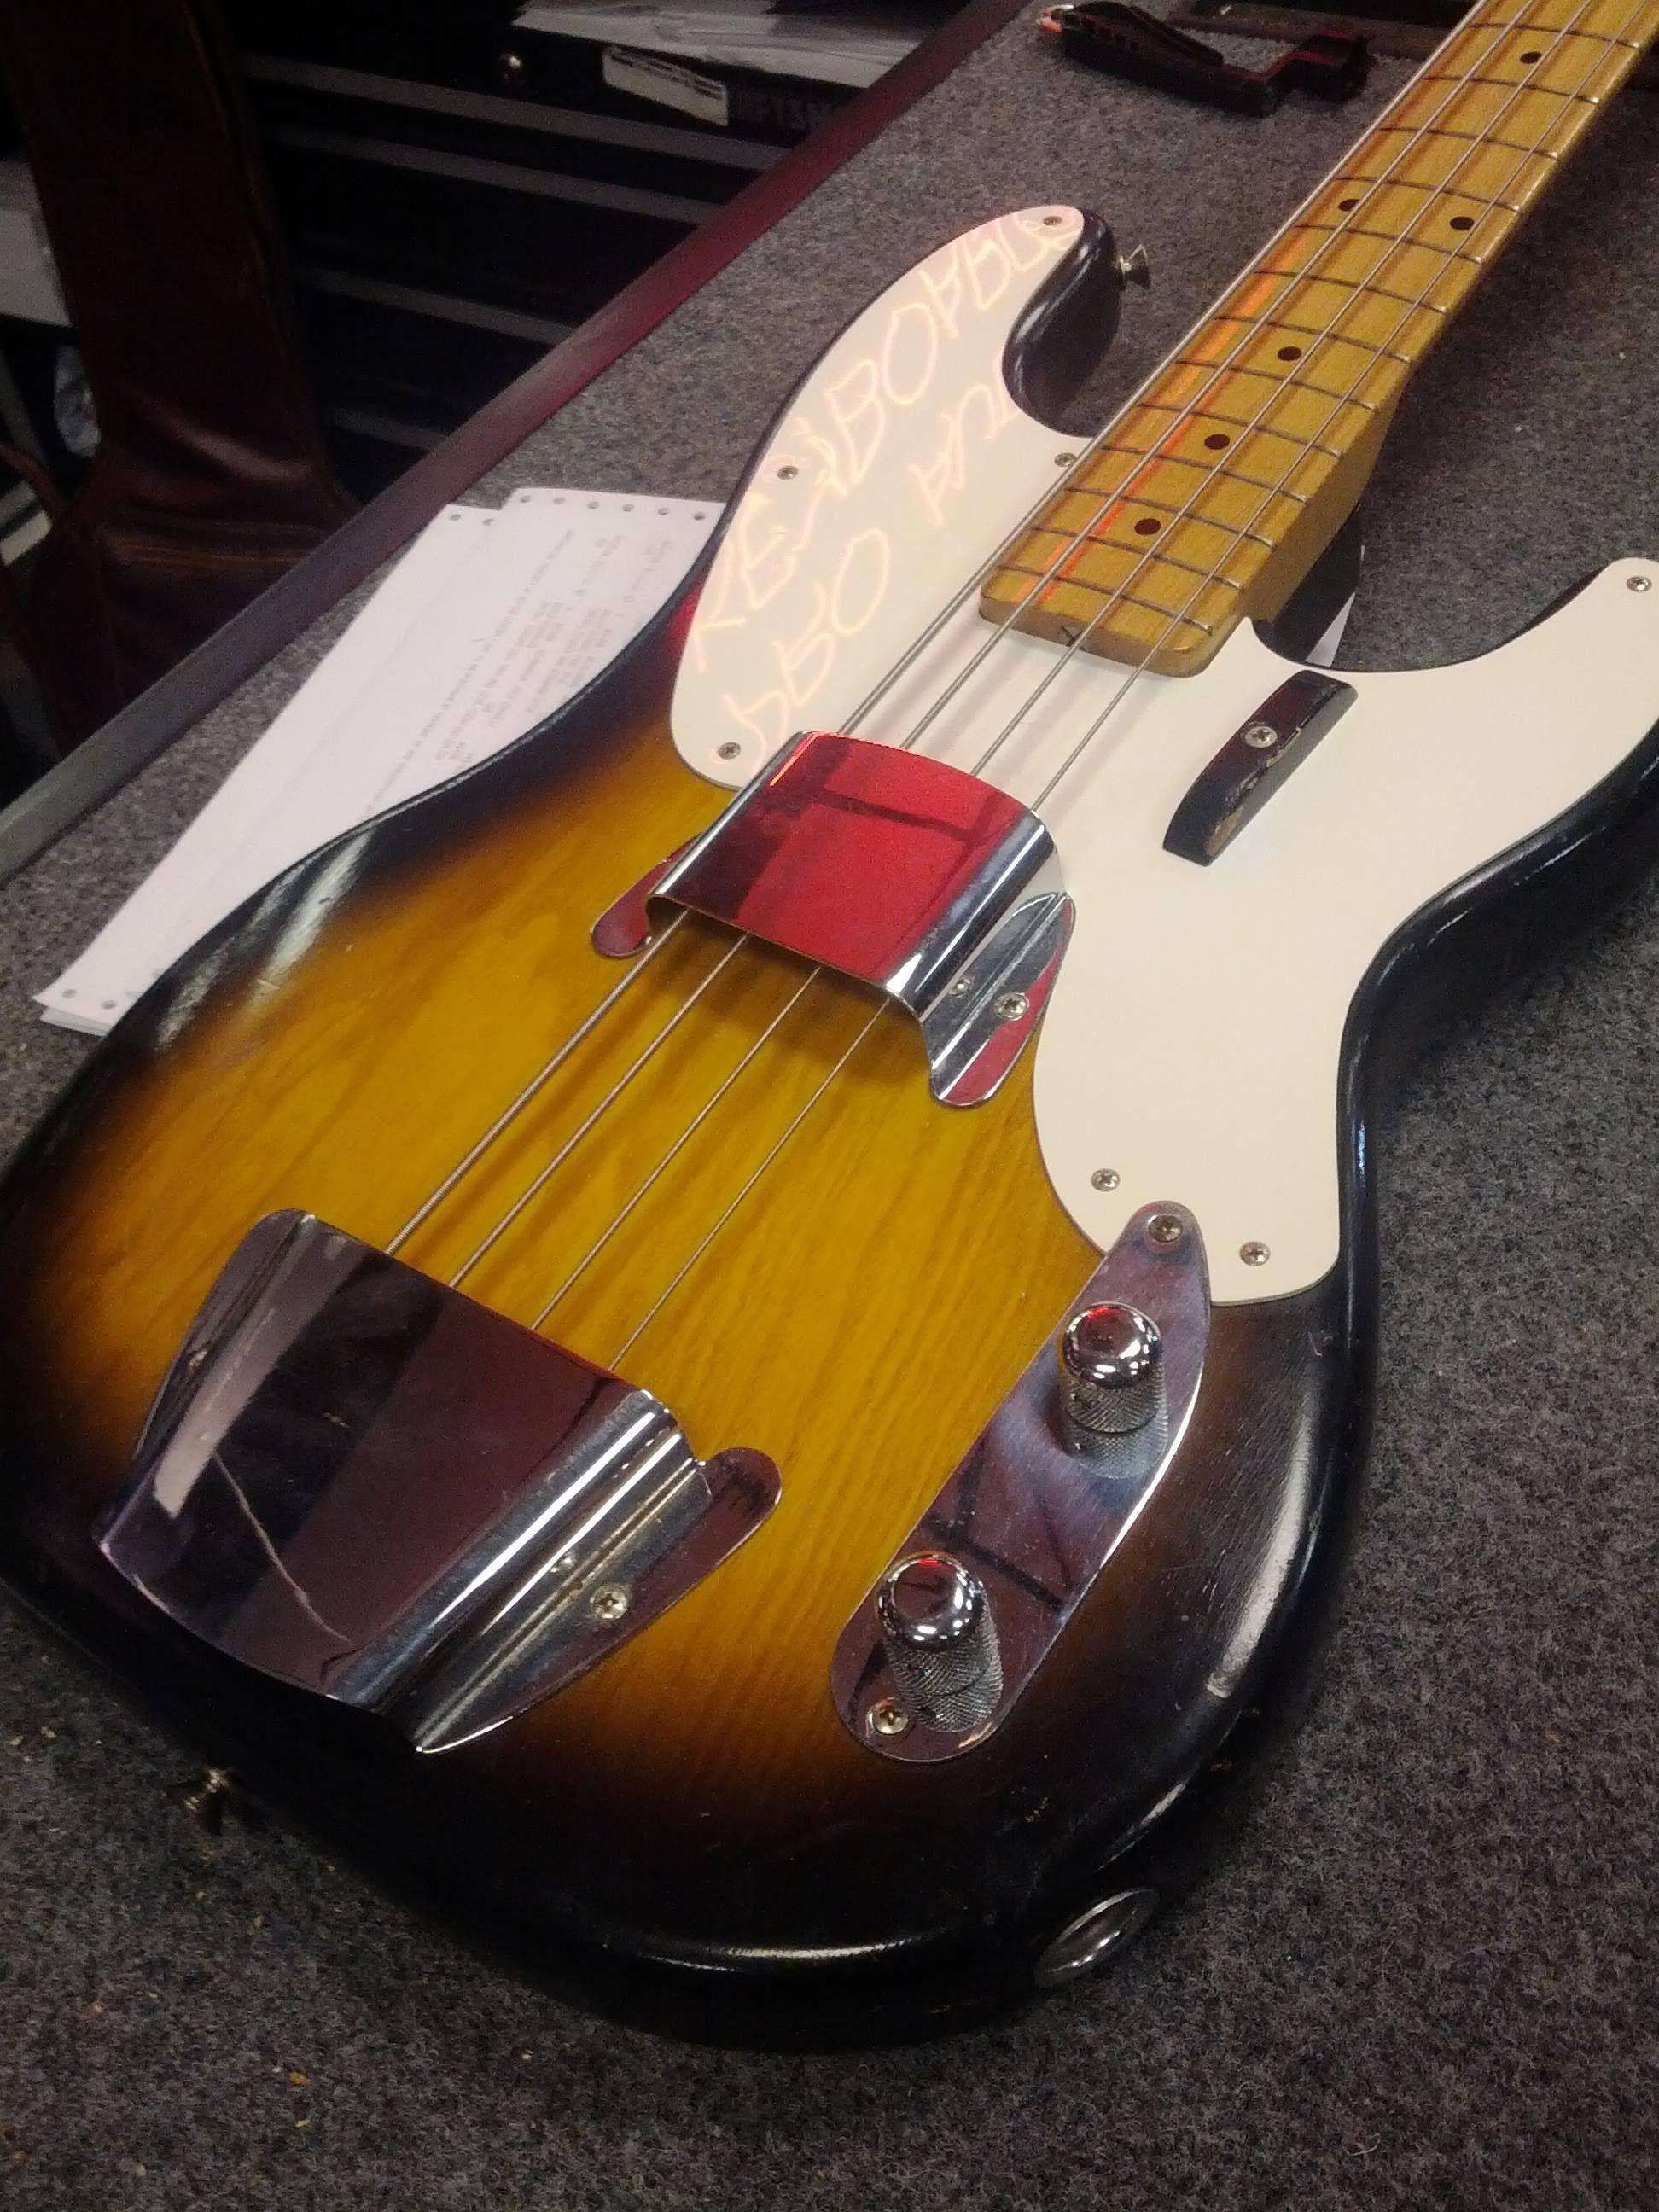 Bgdyxg 19442592 Guitar Pinterest Guitars